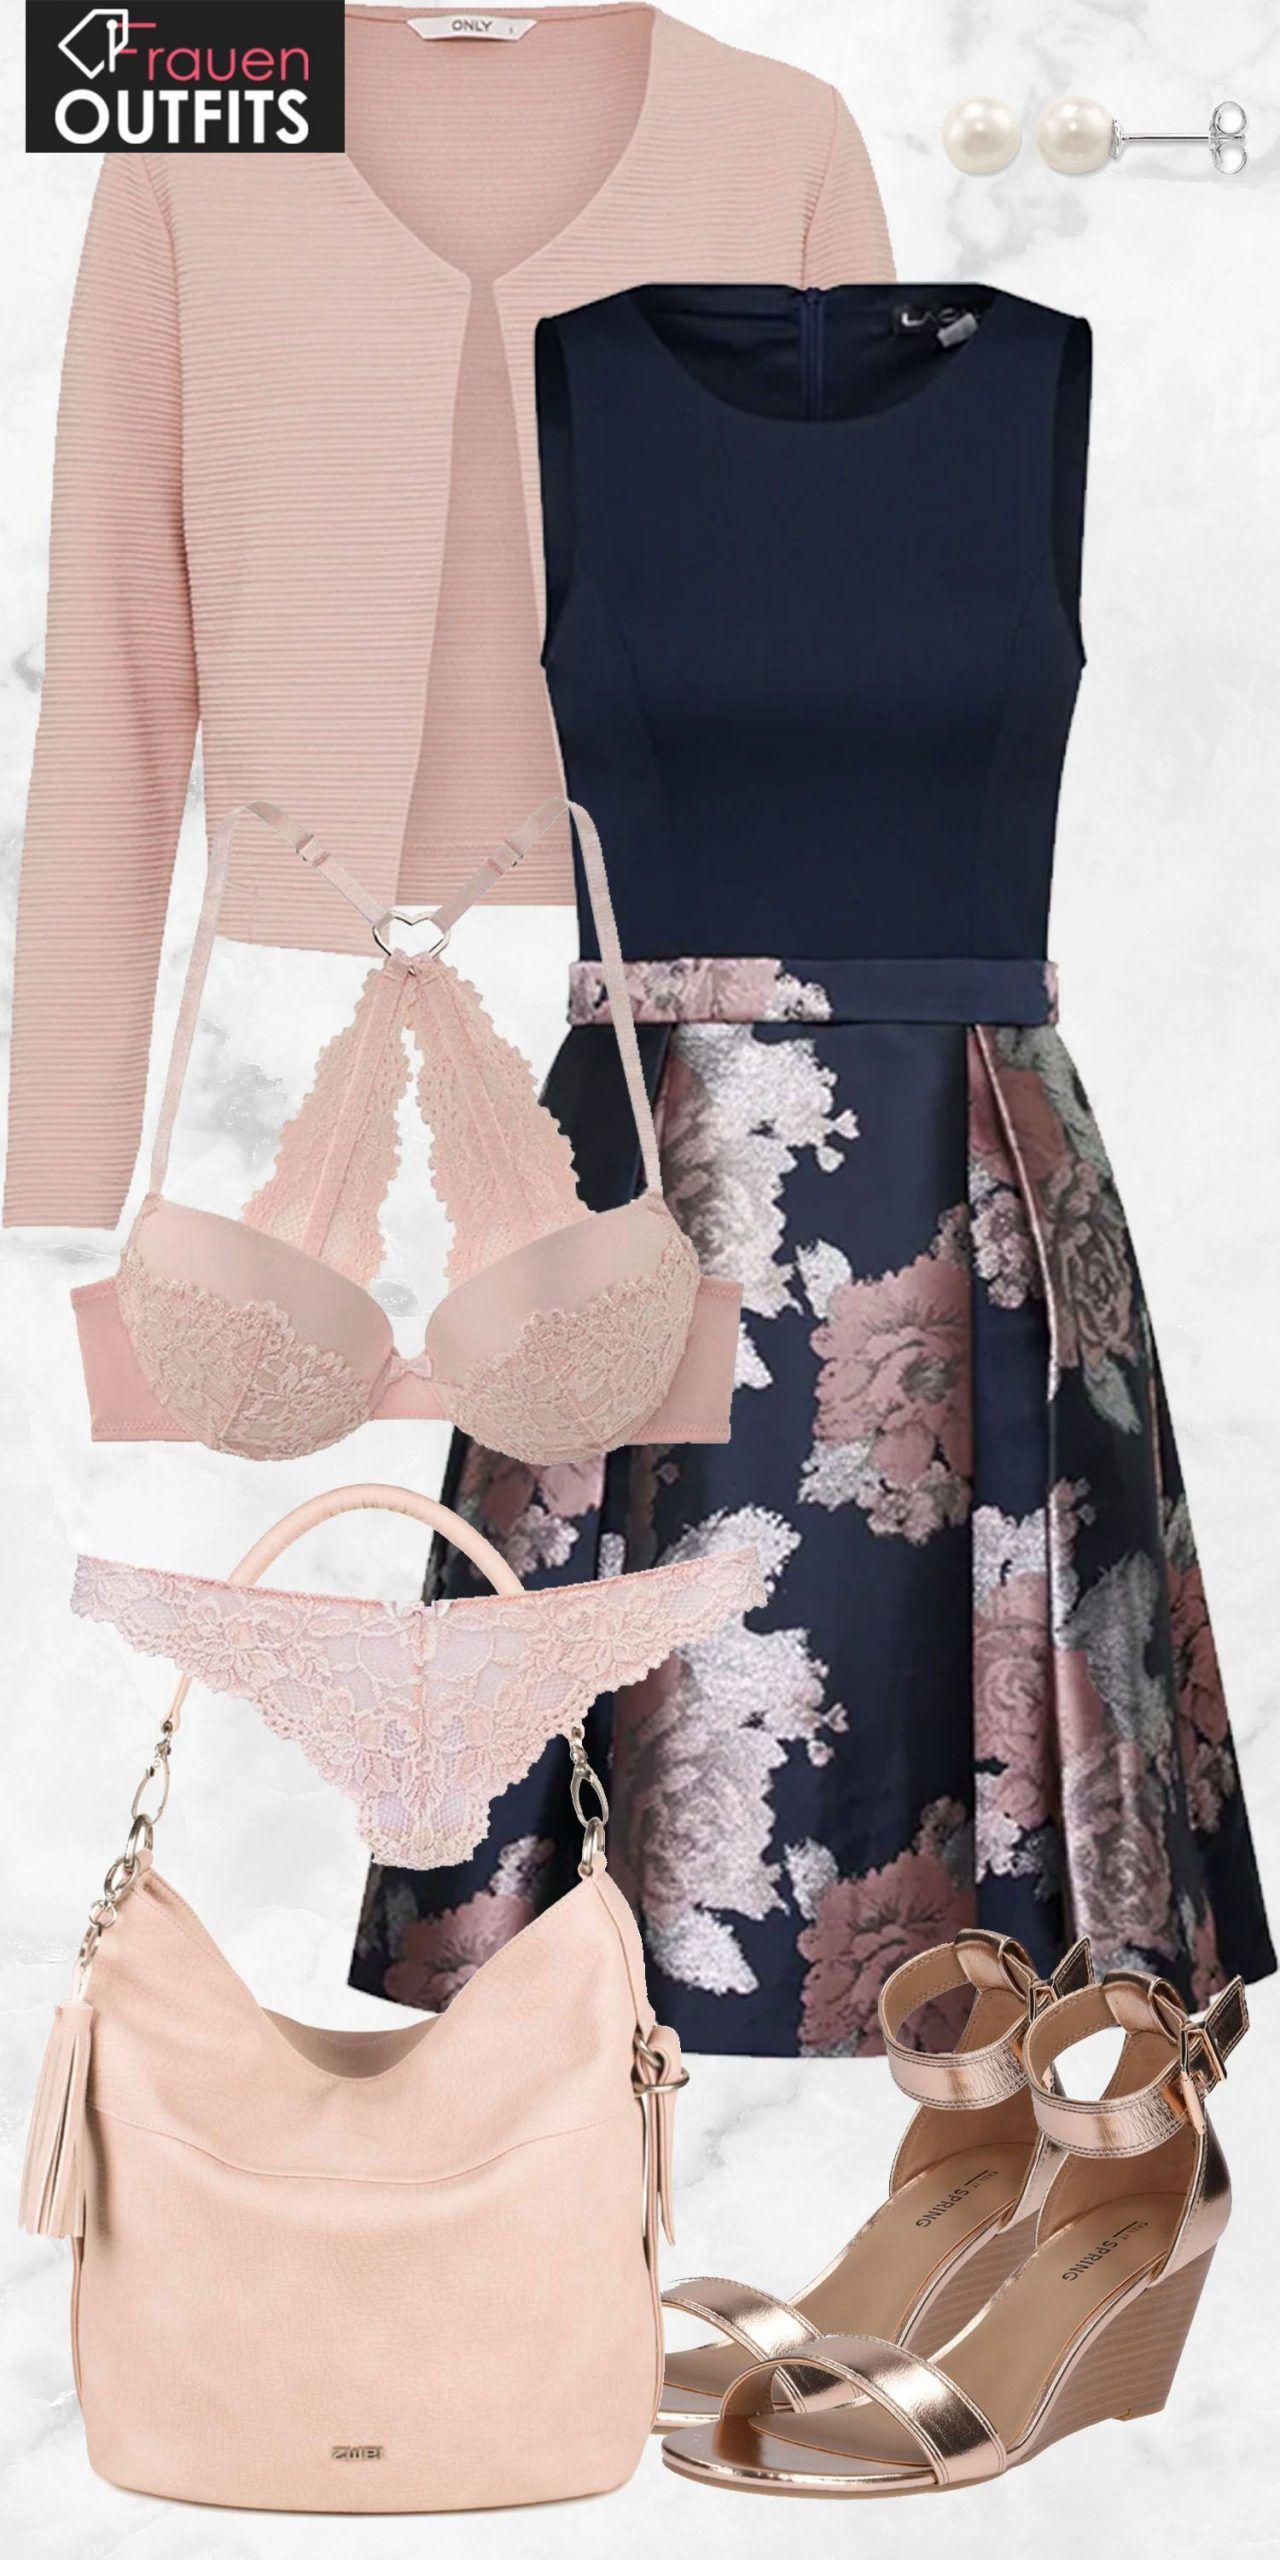 Toller Abendlook aus einem schönen Kleid mit Muster, einem rosa